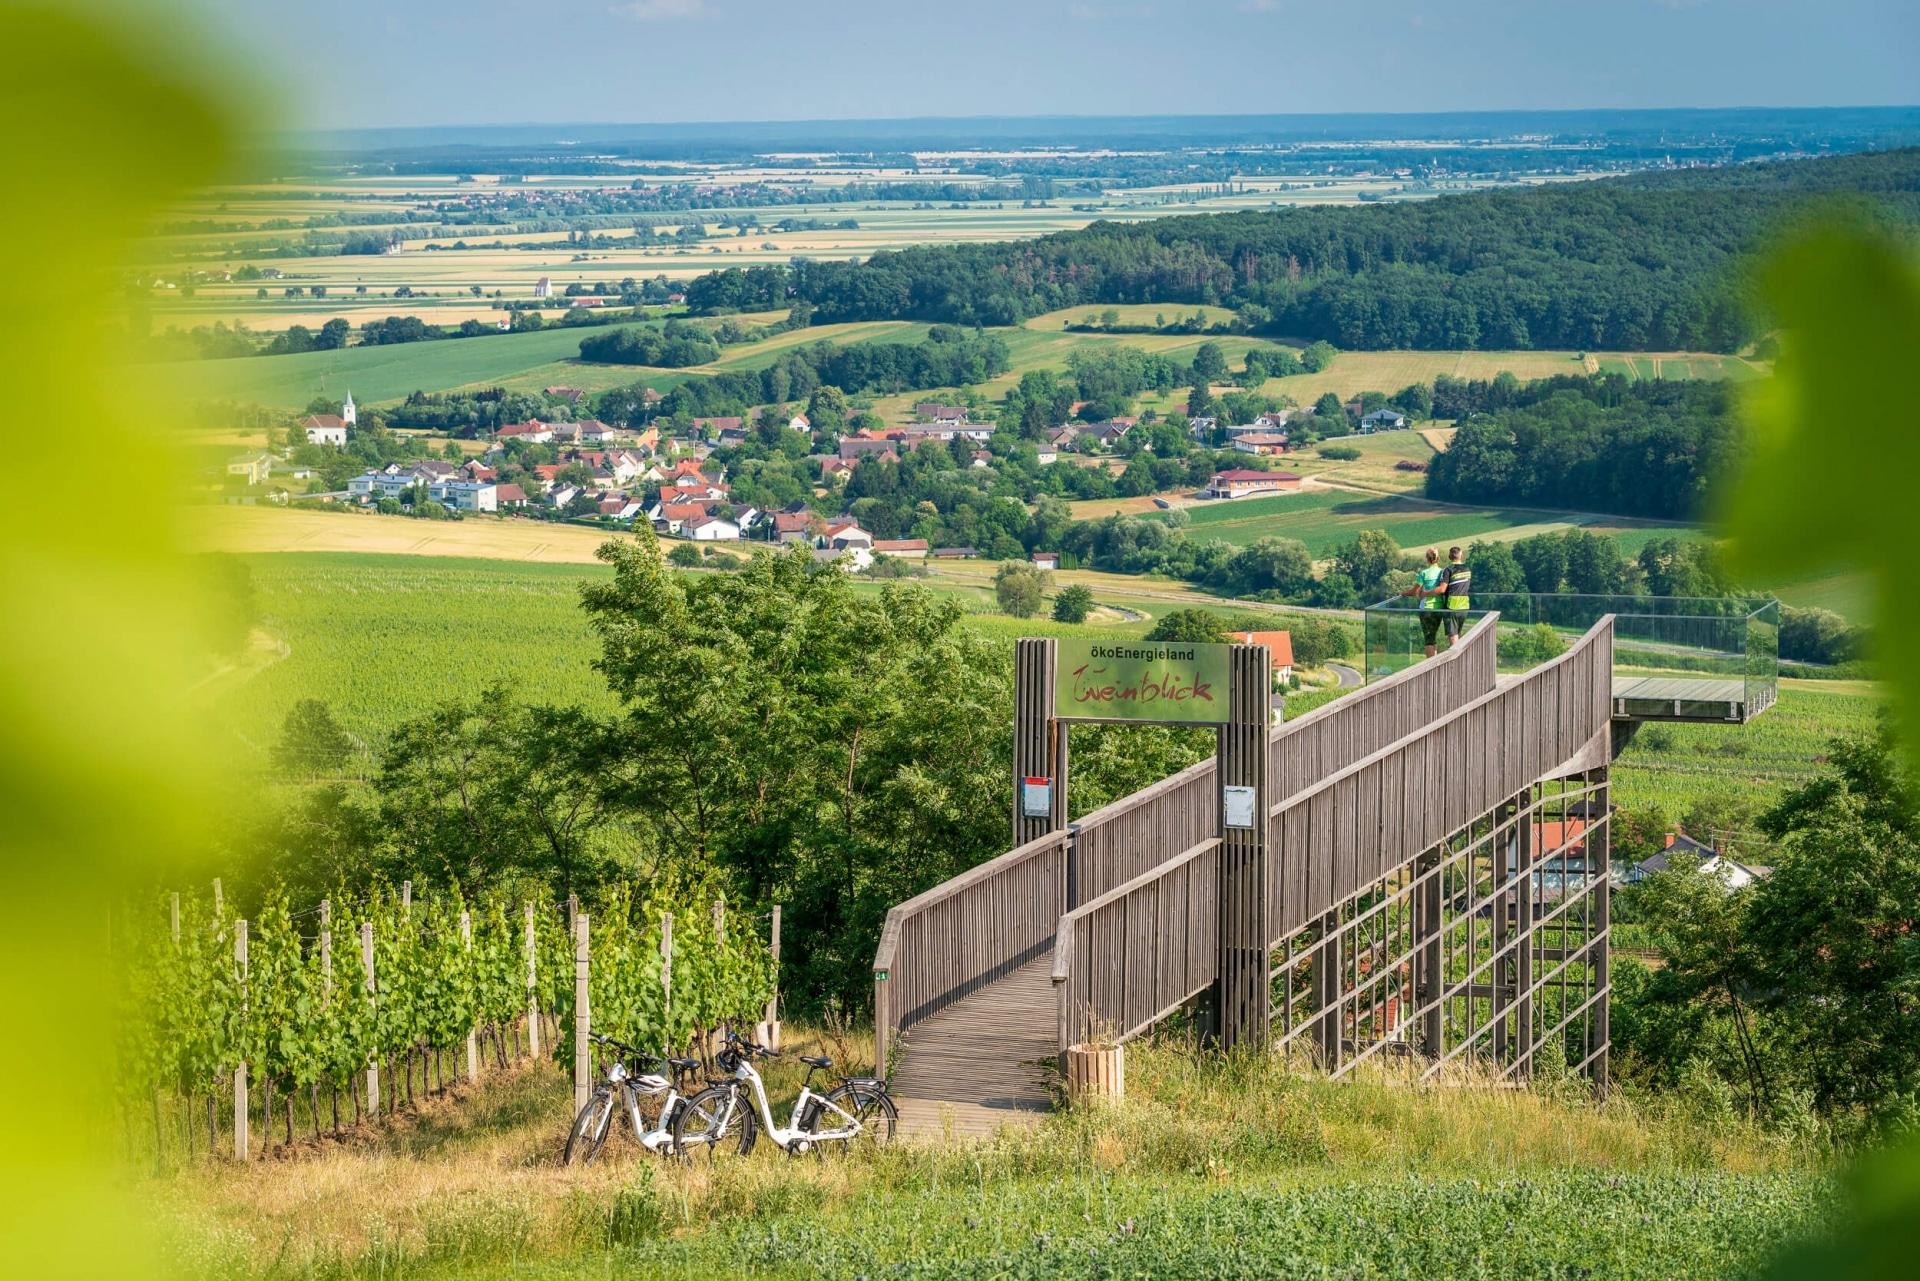 Radfahren in Eisenberg © TV Oberwart Fotografie Robert Brünner